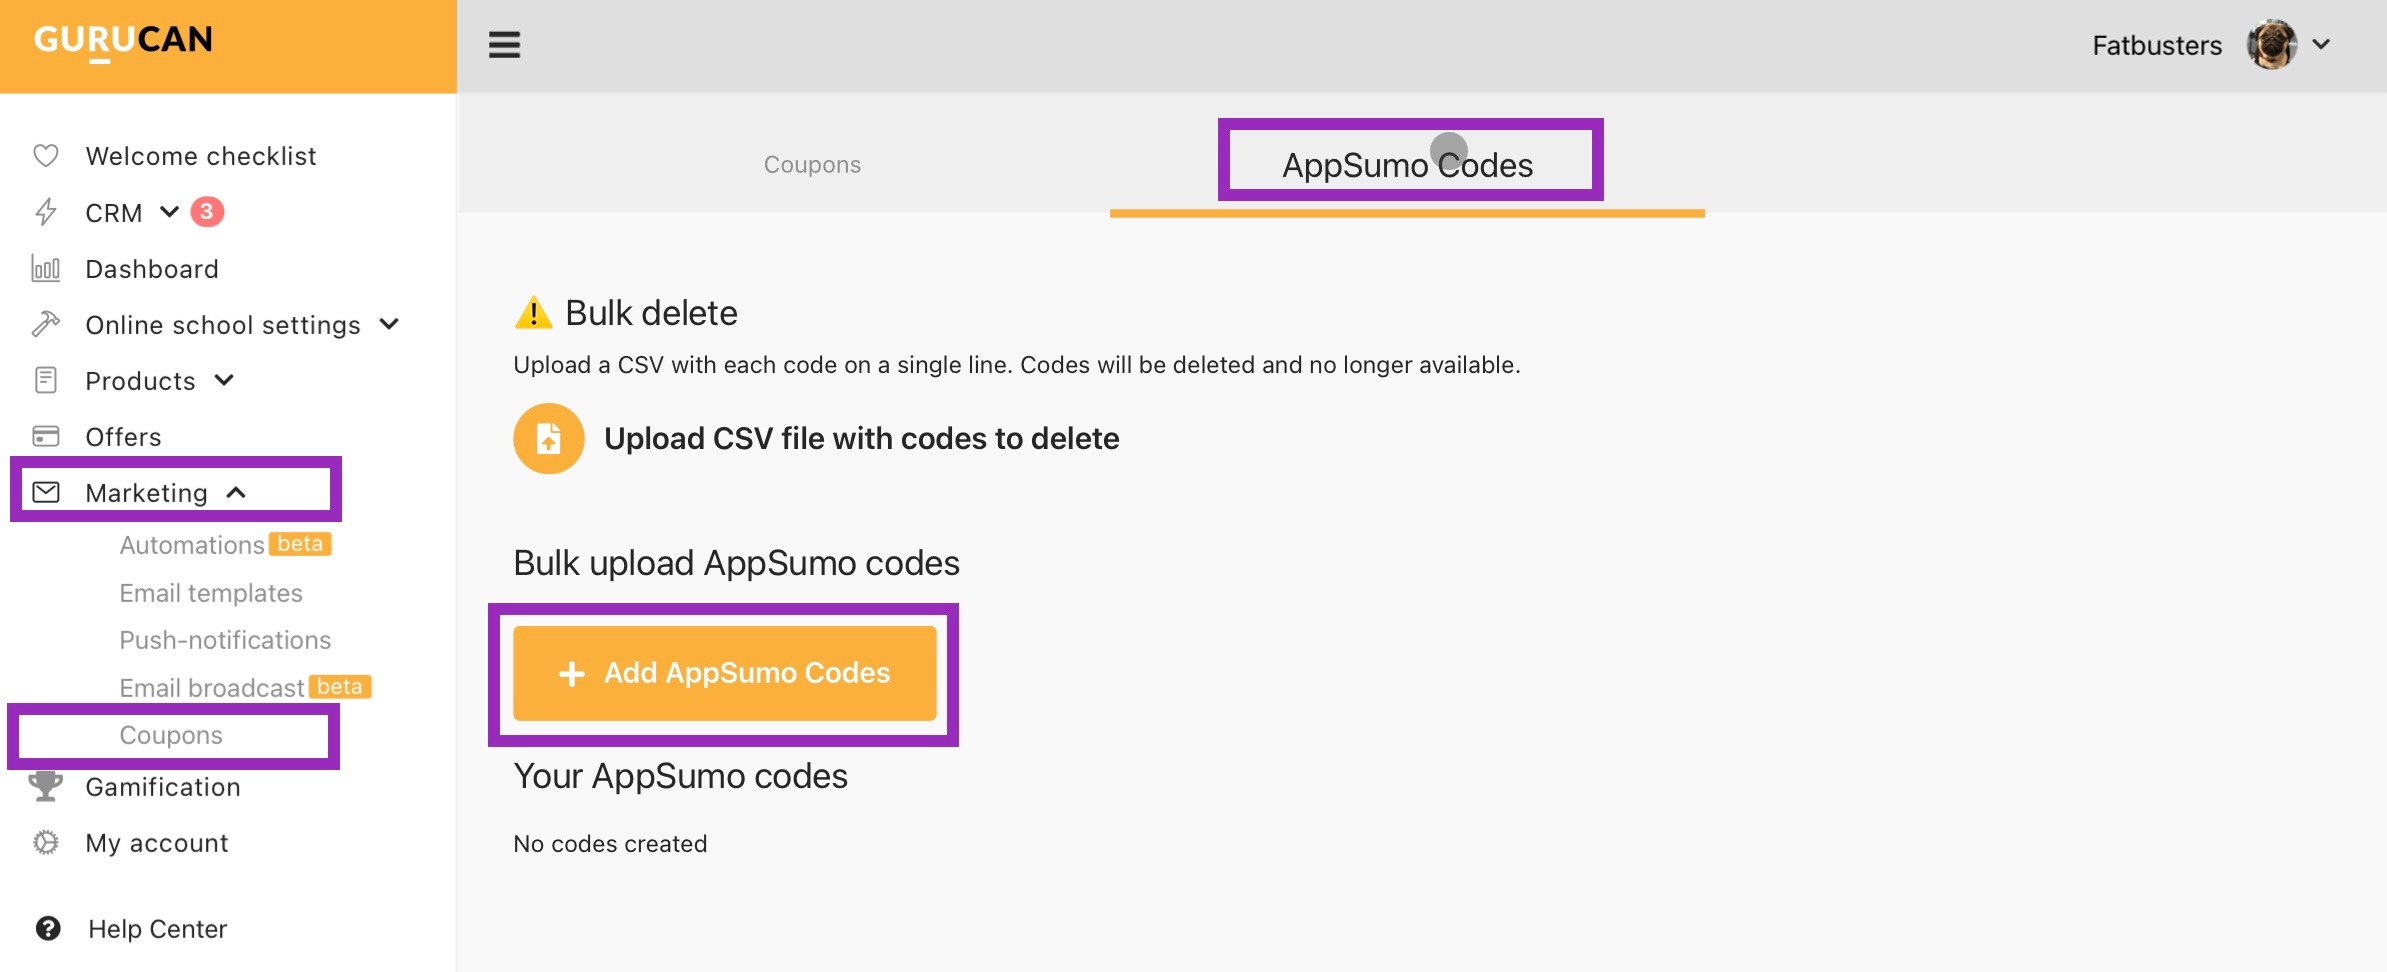 AppSumo codes